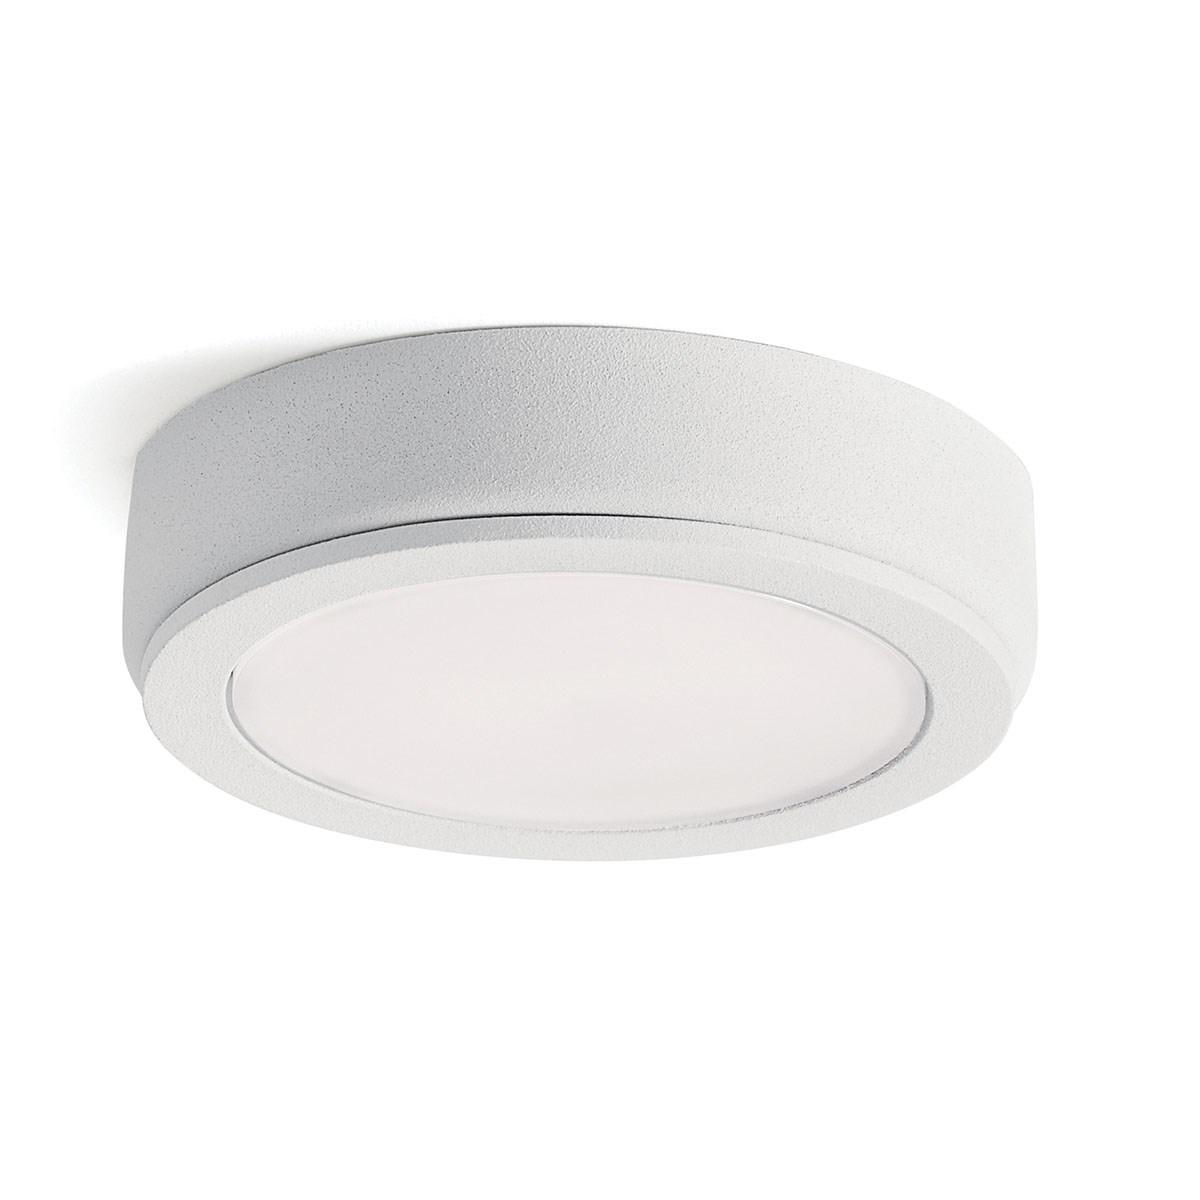 6d series 24v 3000k led disc textured white